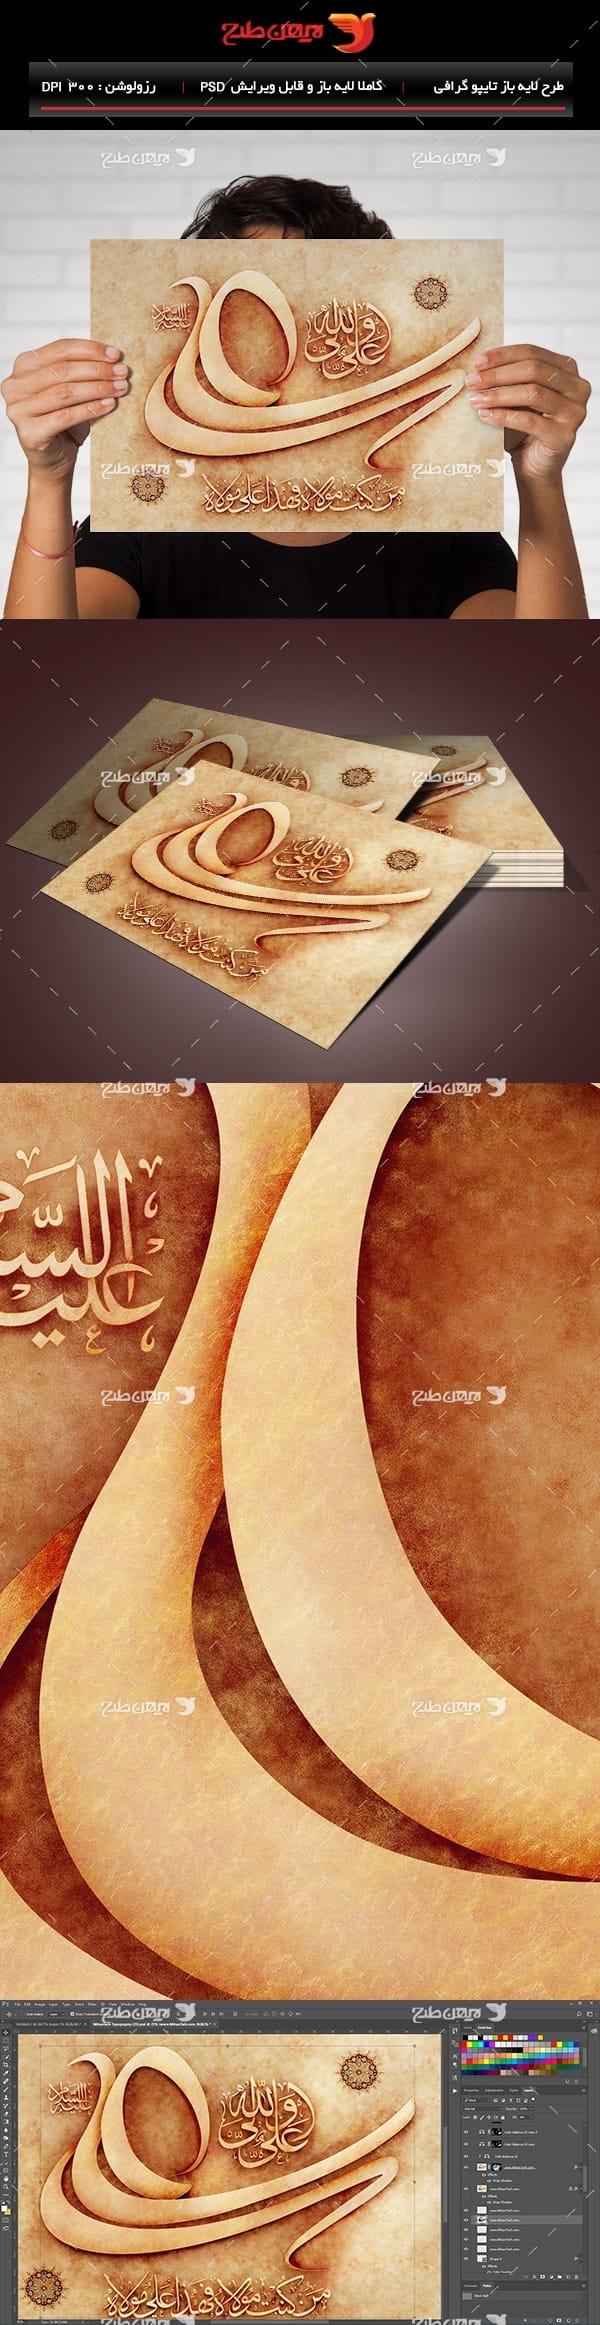 طرح لایه باز تایپوگرافی و خطاطی نام امام علی (ع)